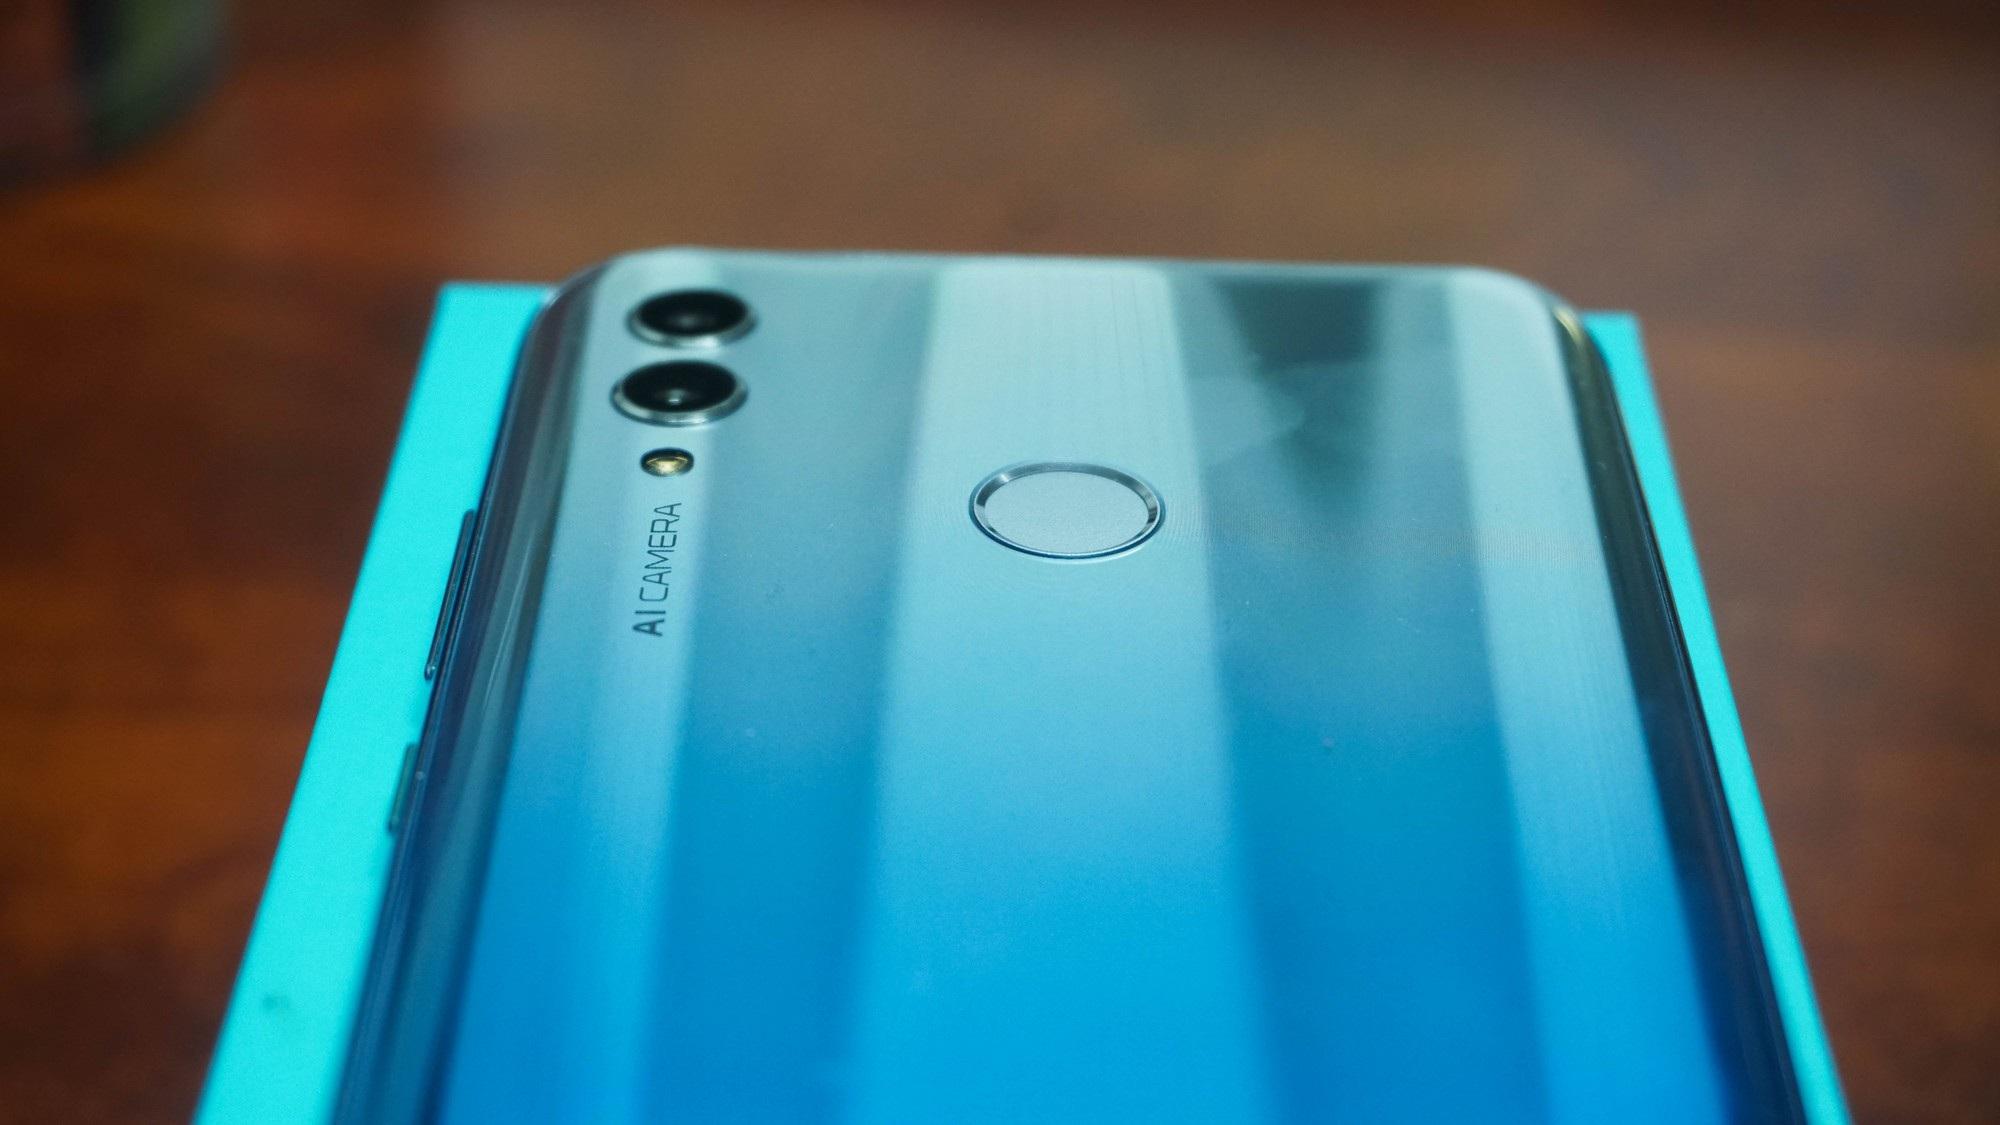 Đập hộp Honor 10 Lite - smartphone tầm trung sắp bán ở Việt Nam với giá khoảng 5 triệu đồng - Ảnh 6.